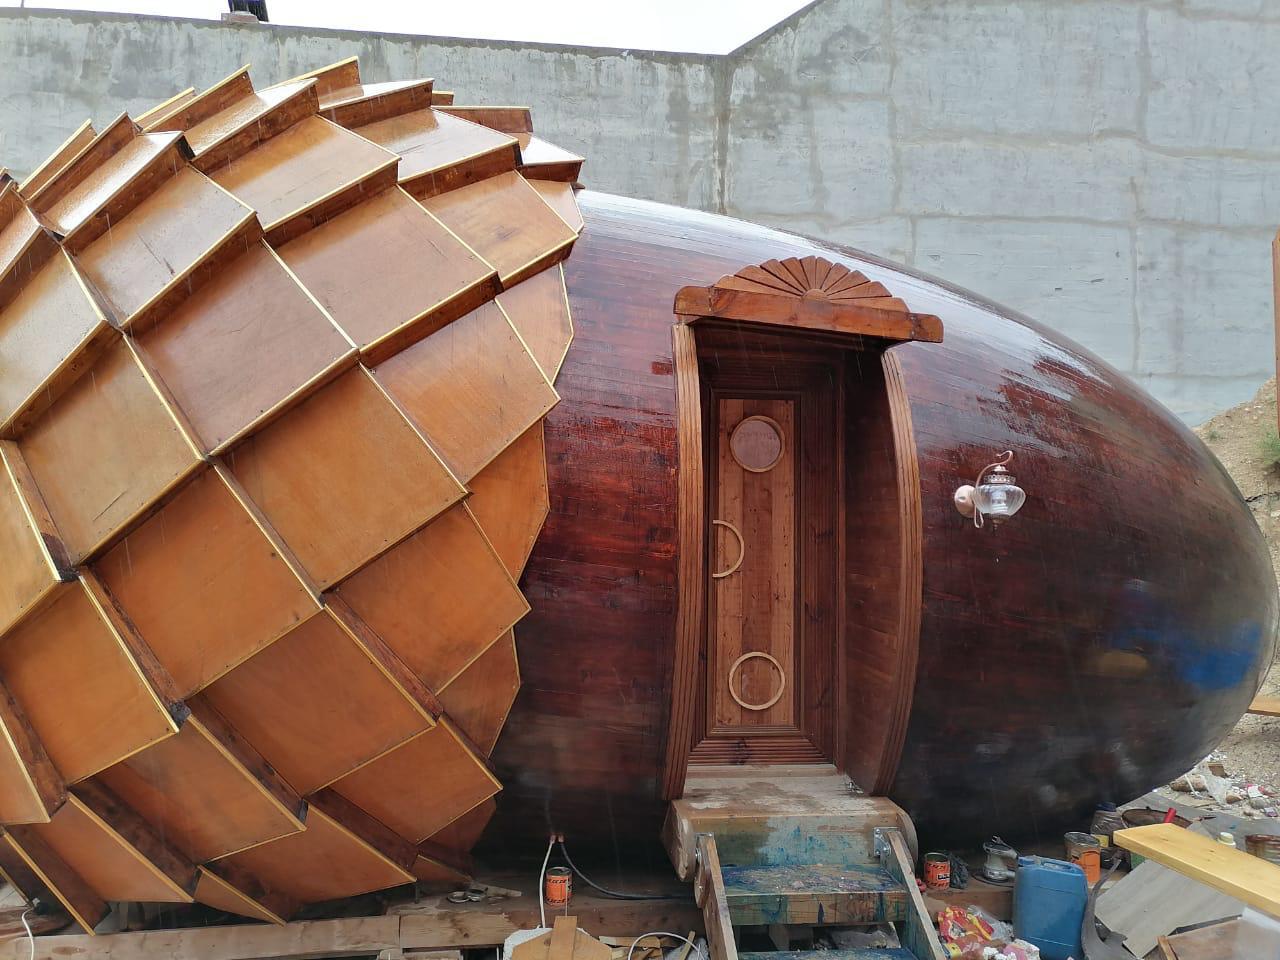 صورة فنان يشيد منزله على شكل حبة كستناء